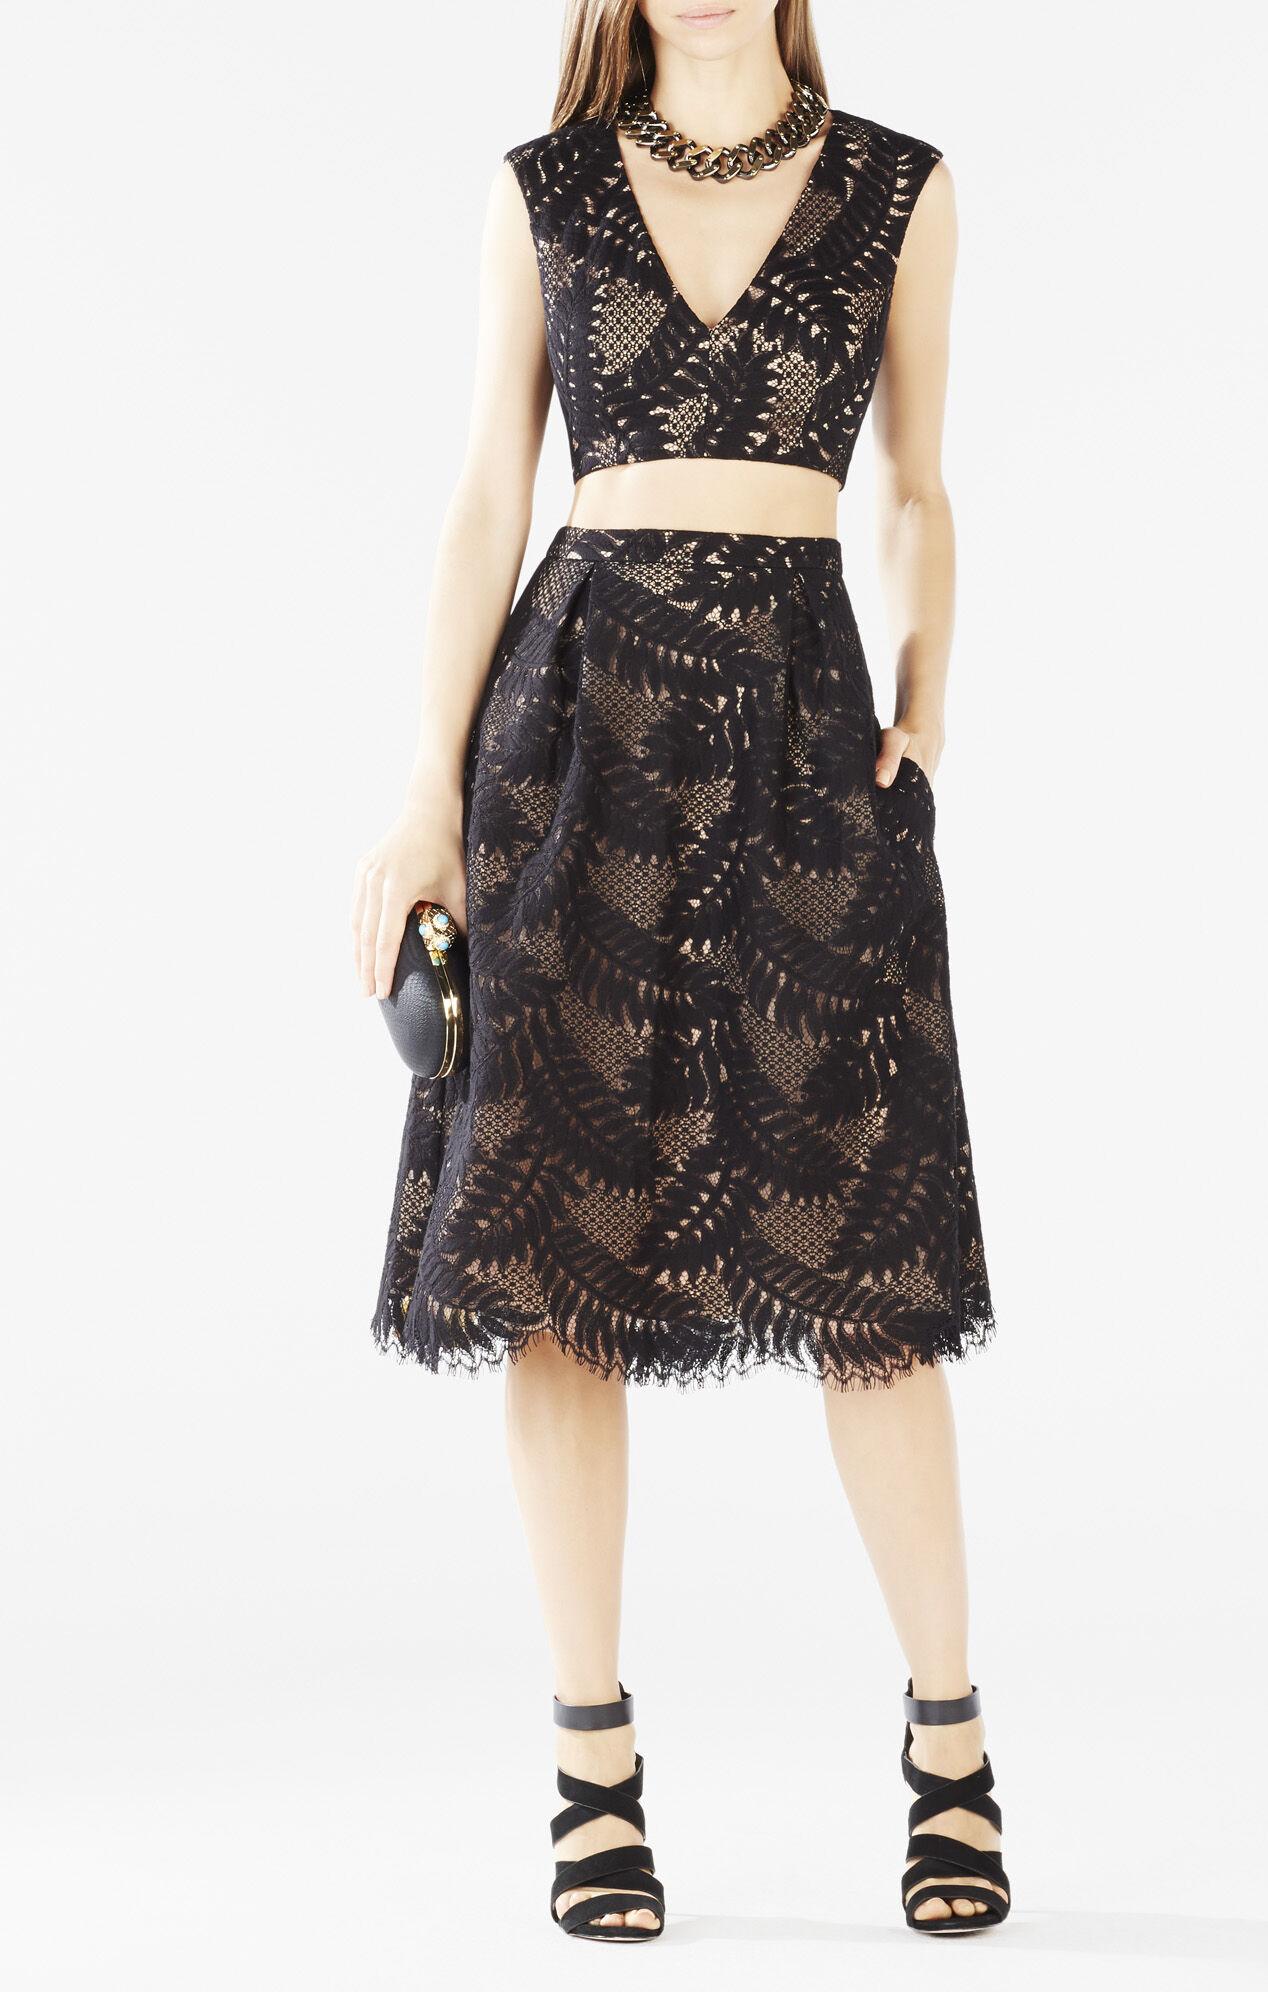 Bcbg dresses black lace